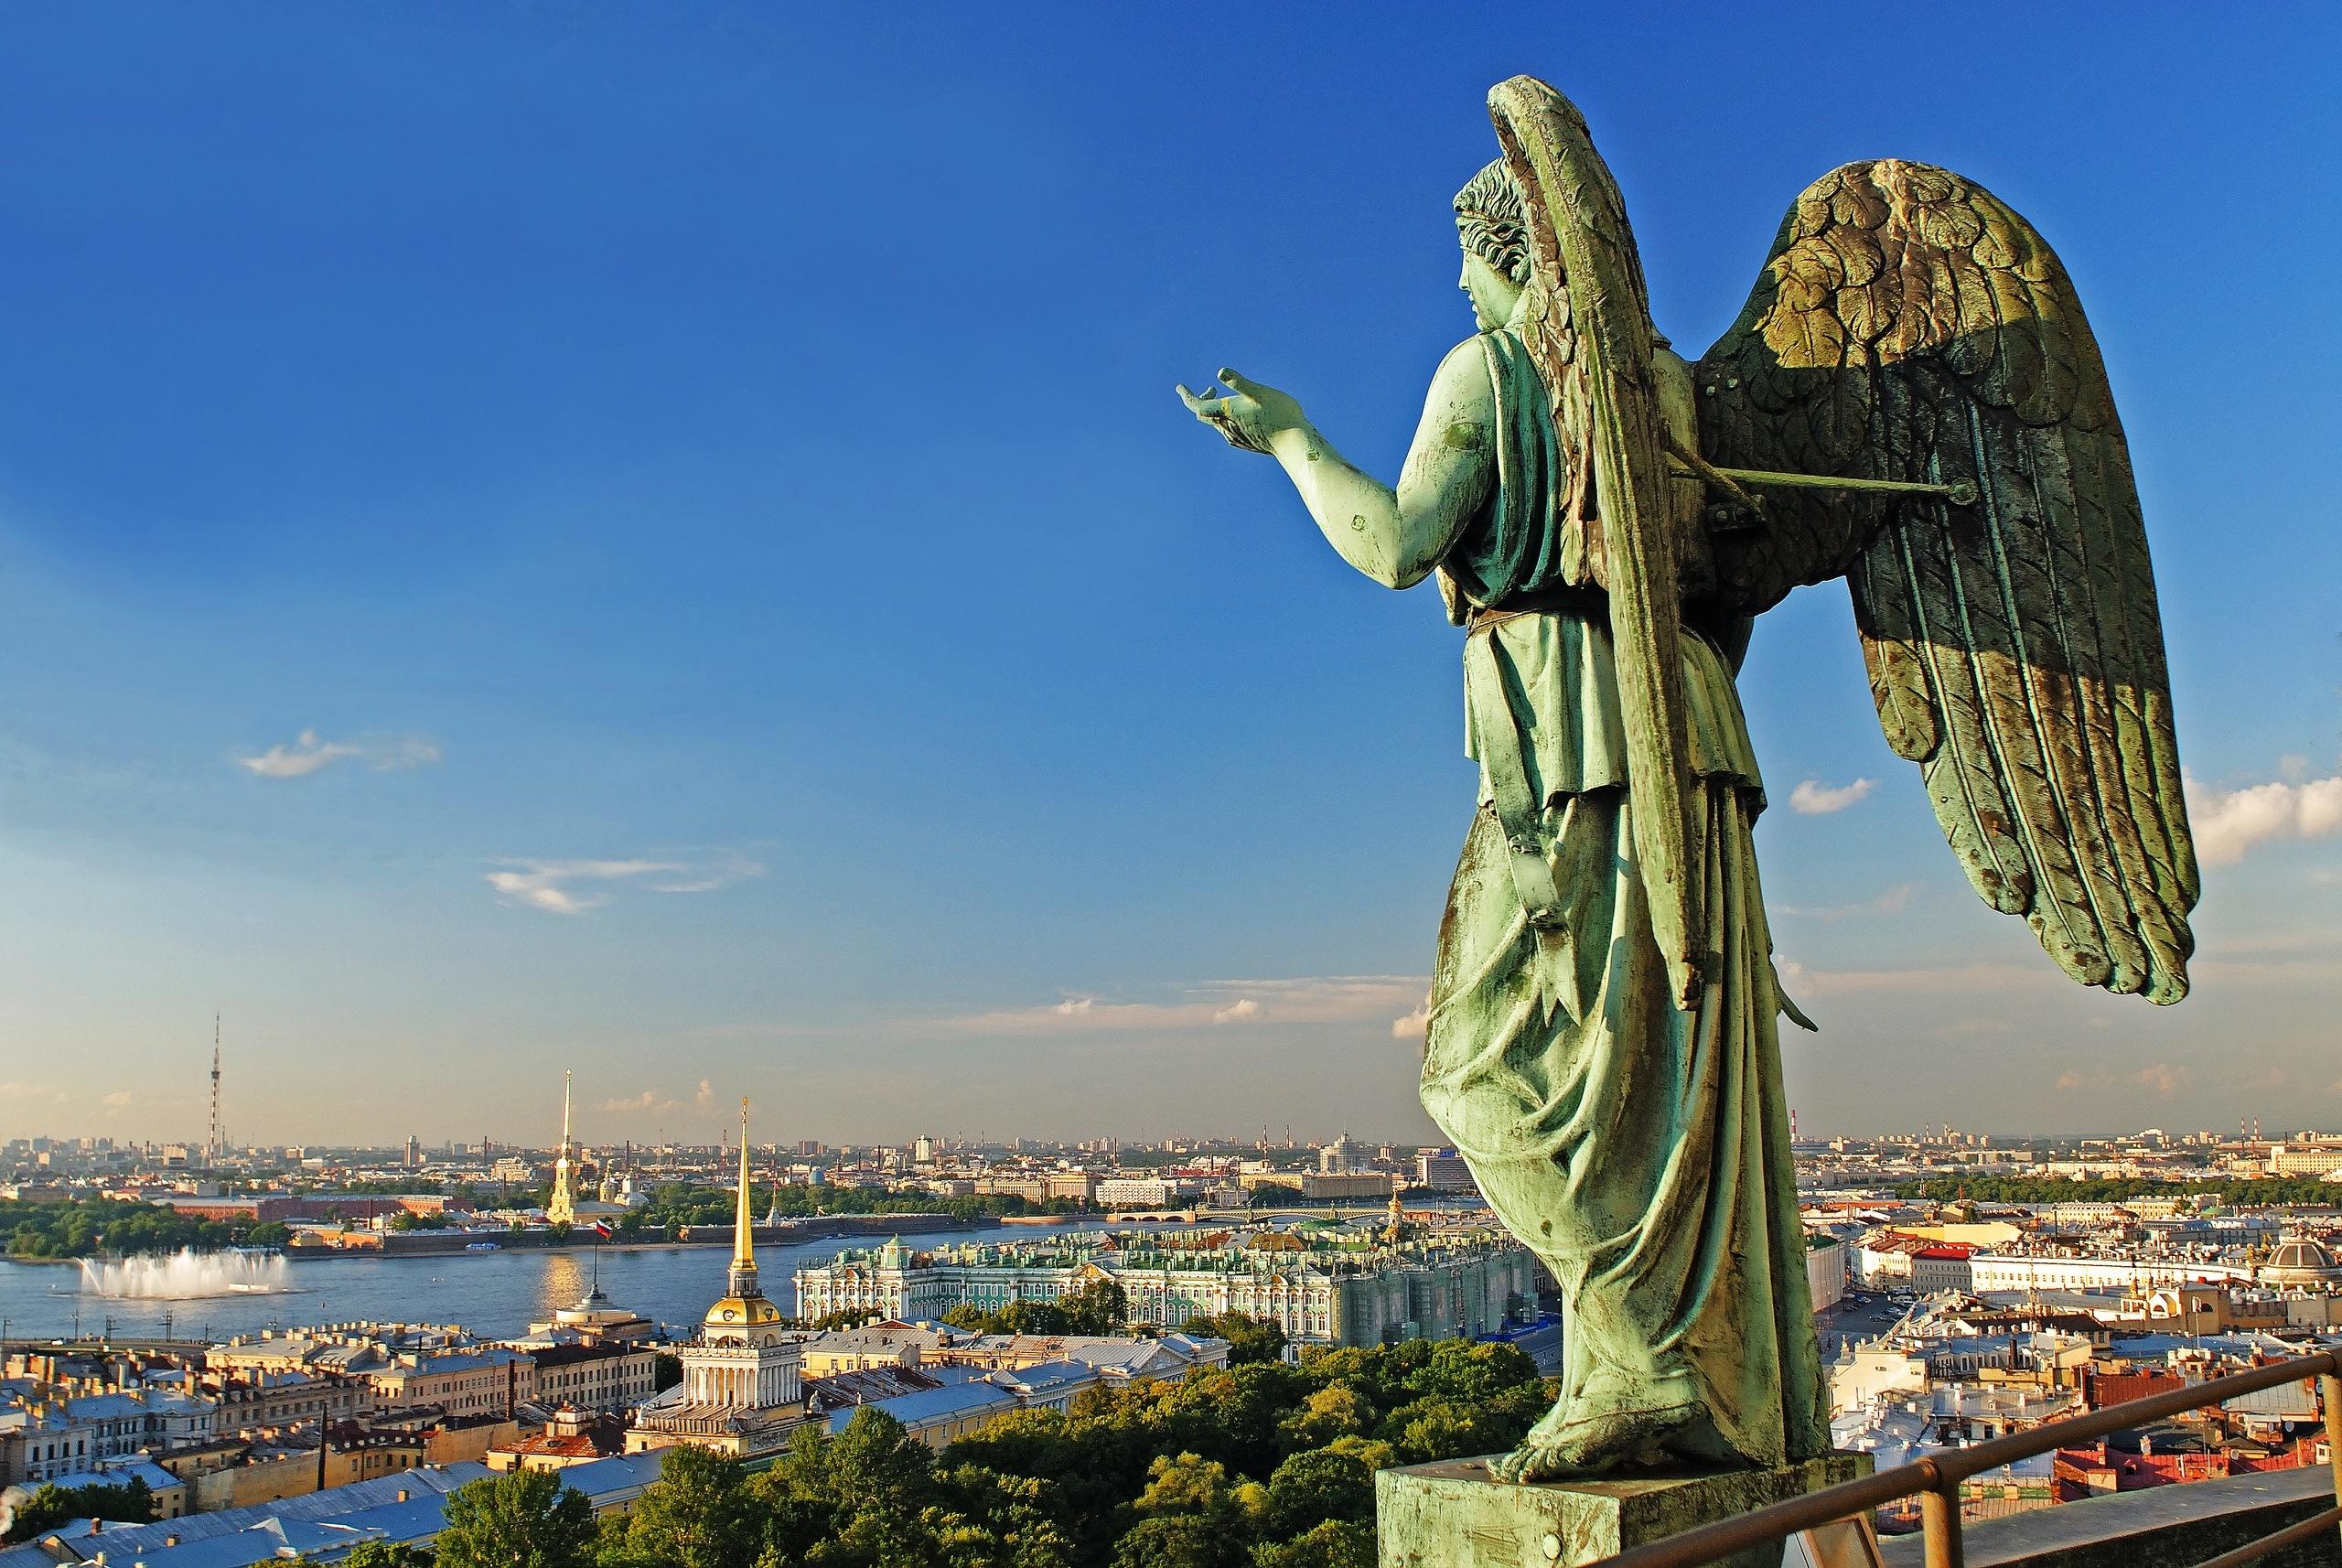 19077 скачать обои Пейзаж, Города, Небо, Архитектура, Ангелы - заставки и картинки бесплатно